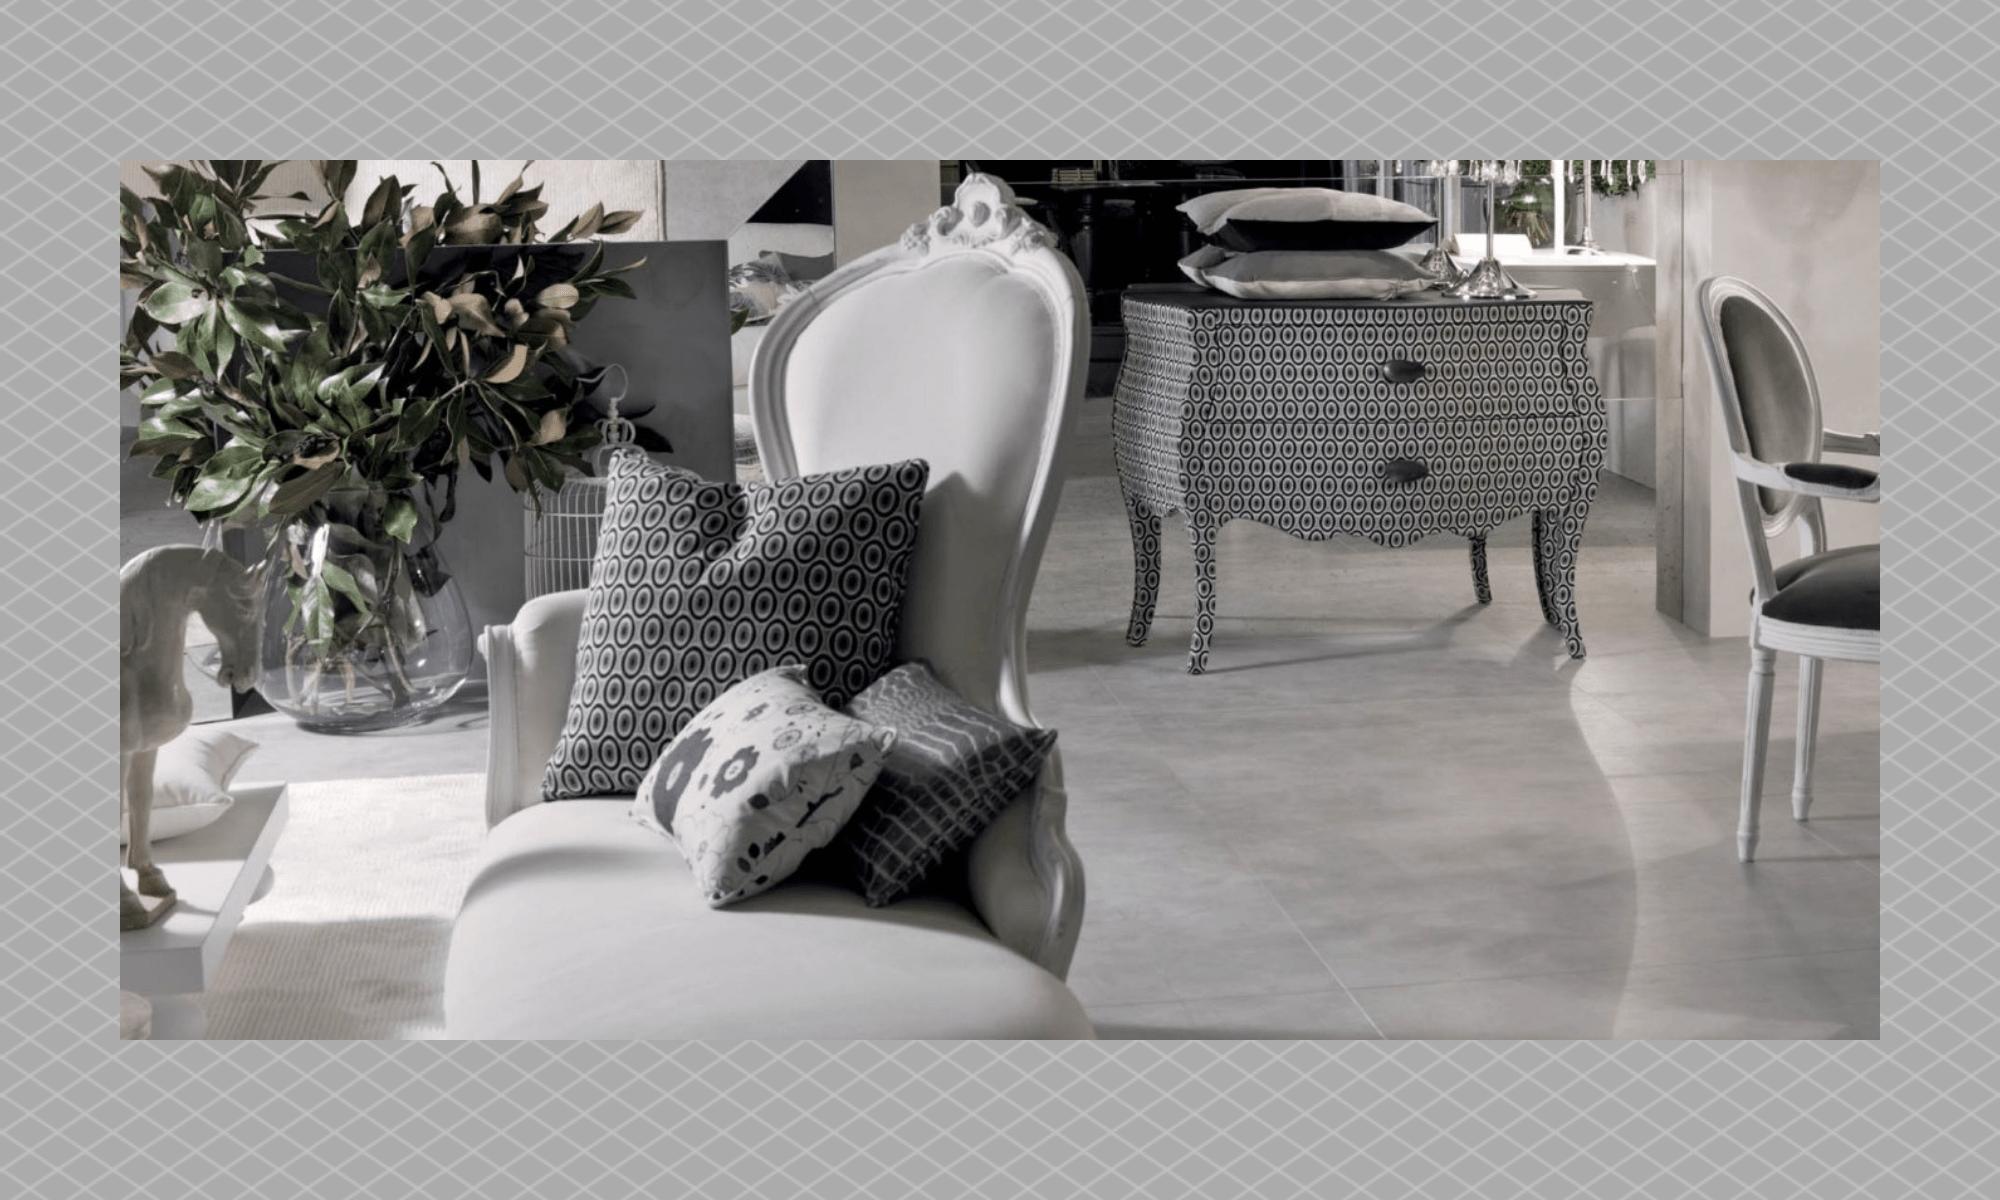 Blog - Home and Interior Design